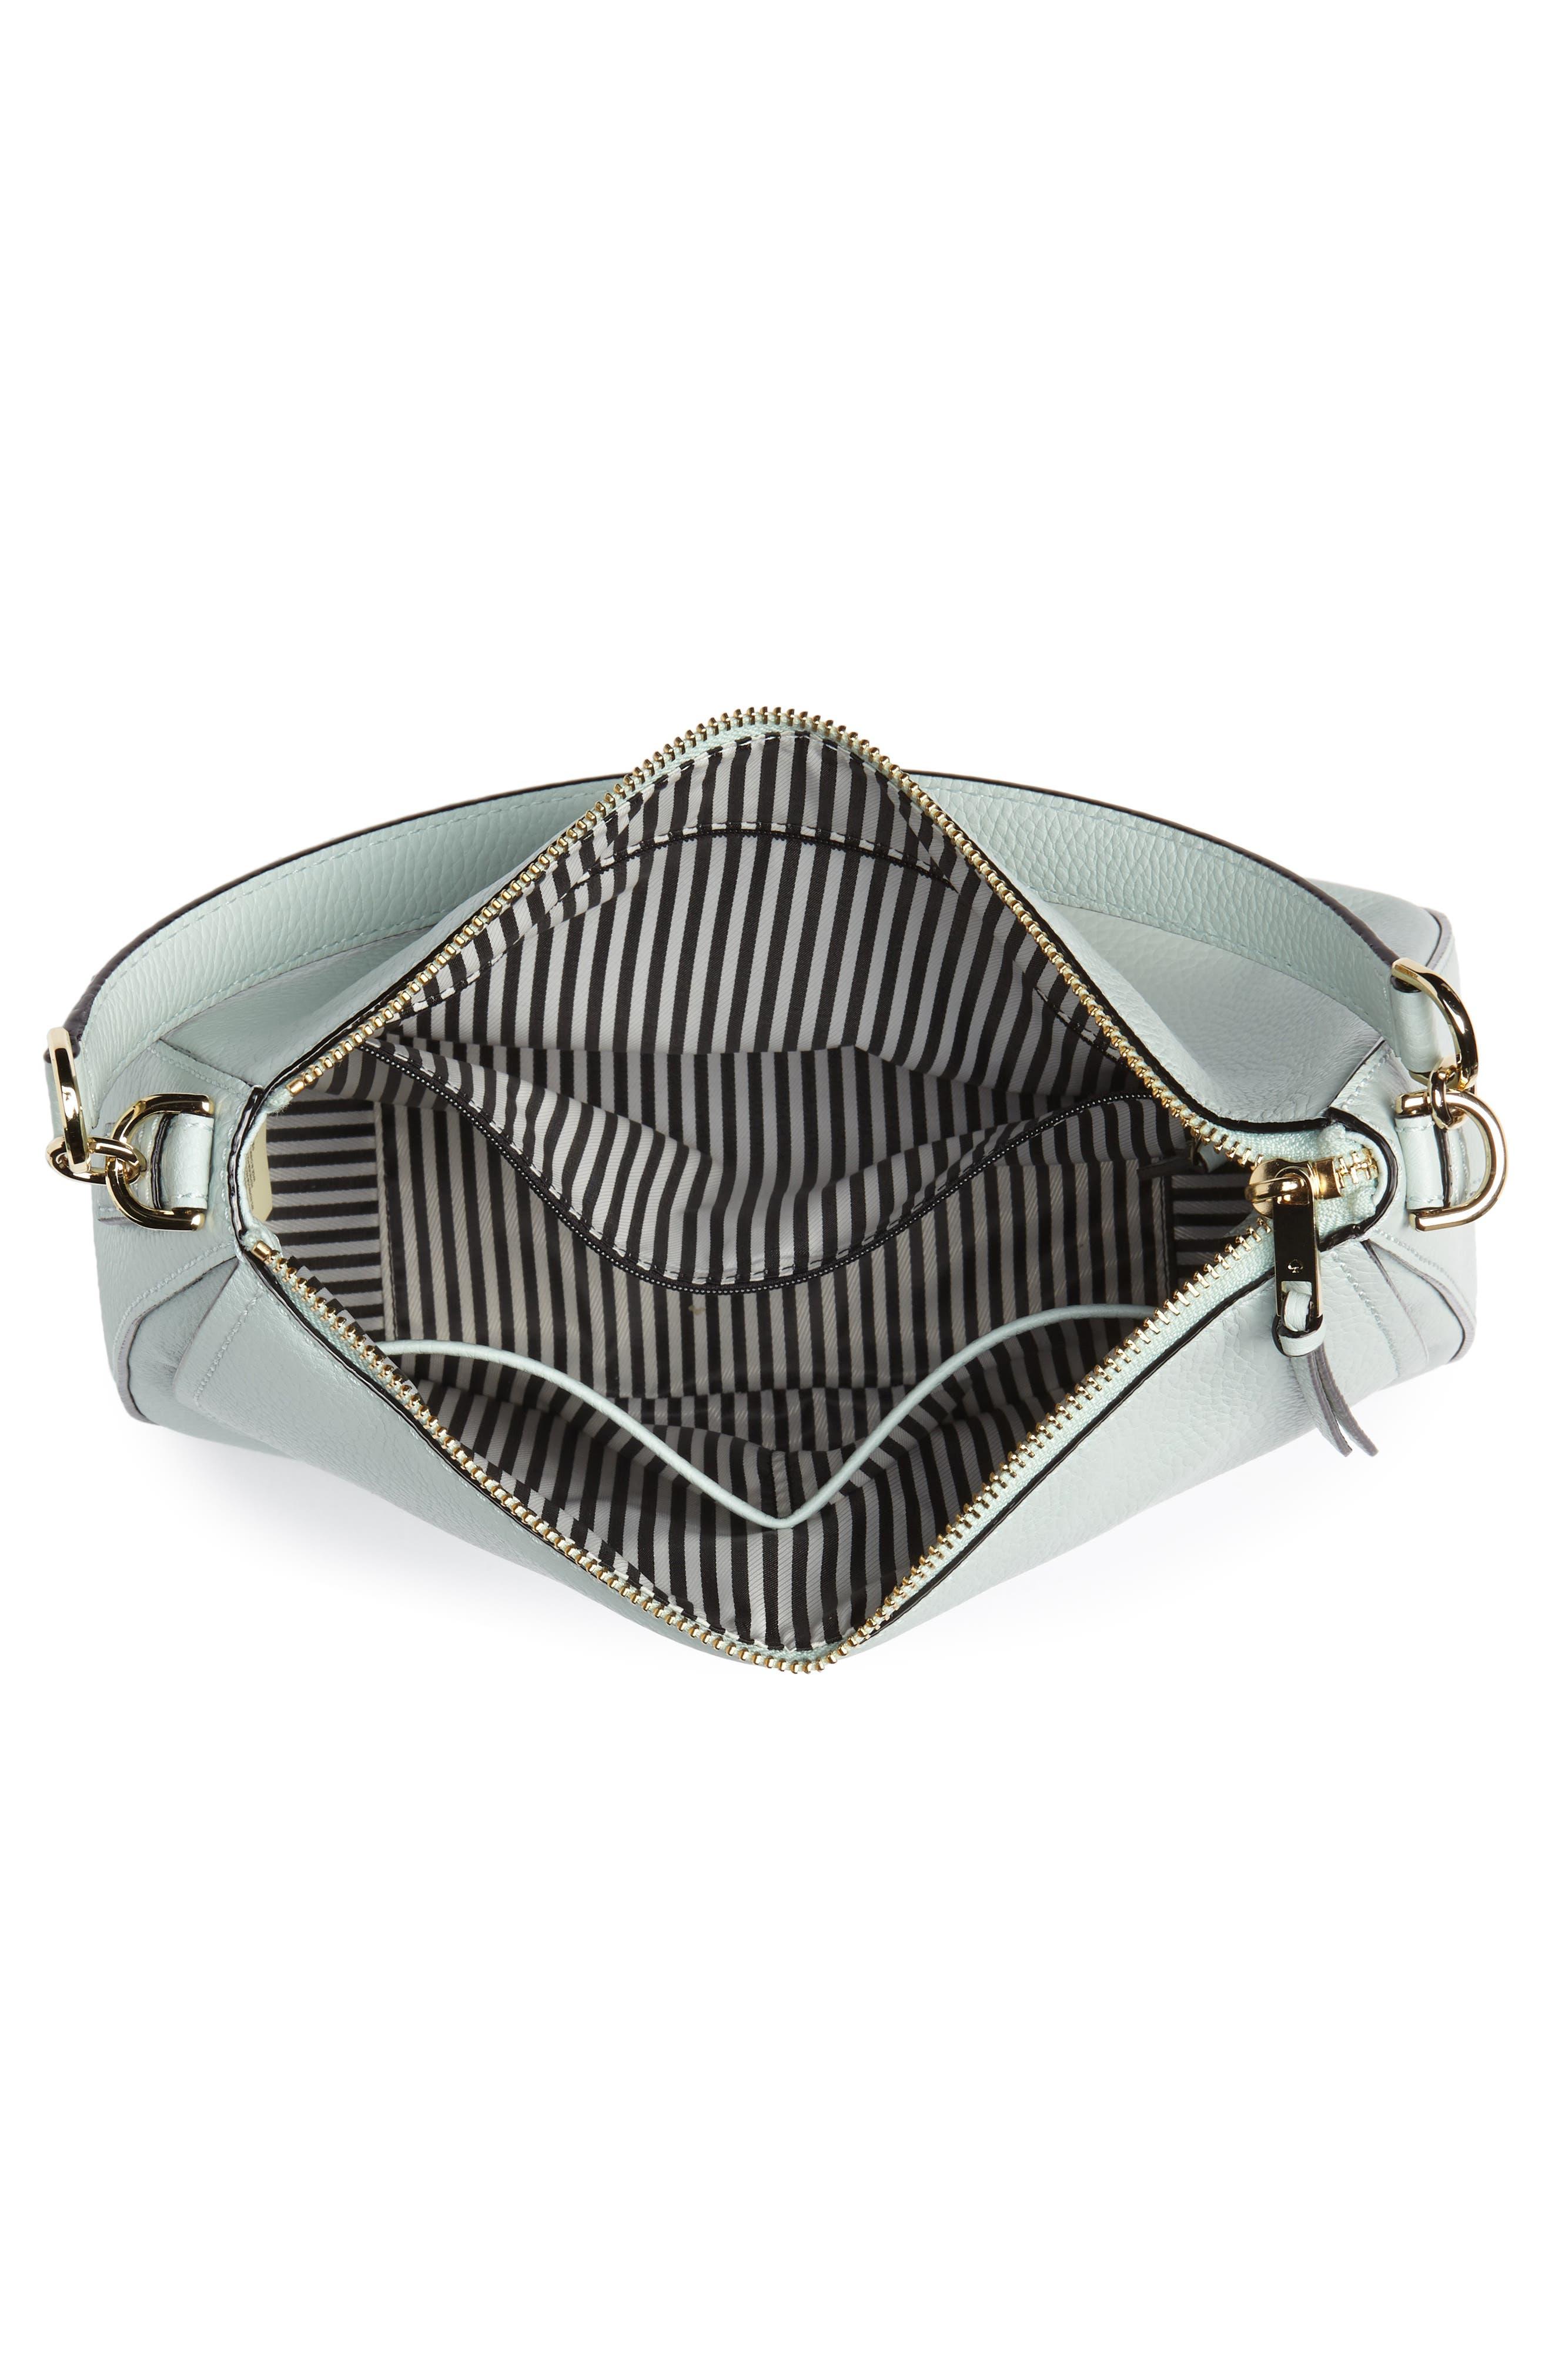 jackson street - colette leather satchel,                             Alternate thumbnail 3, color,                             Misty Mint